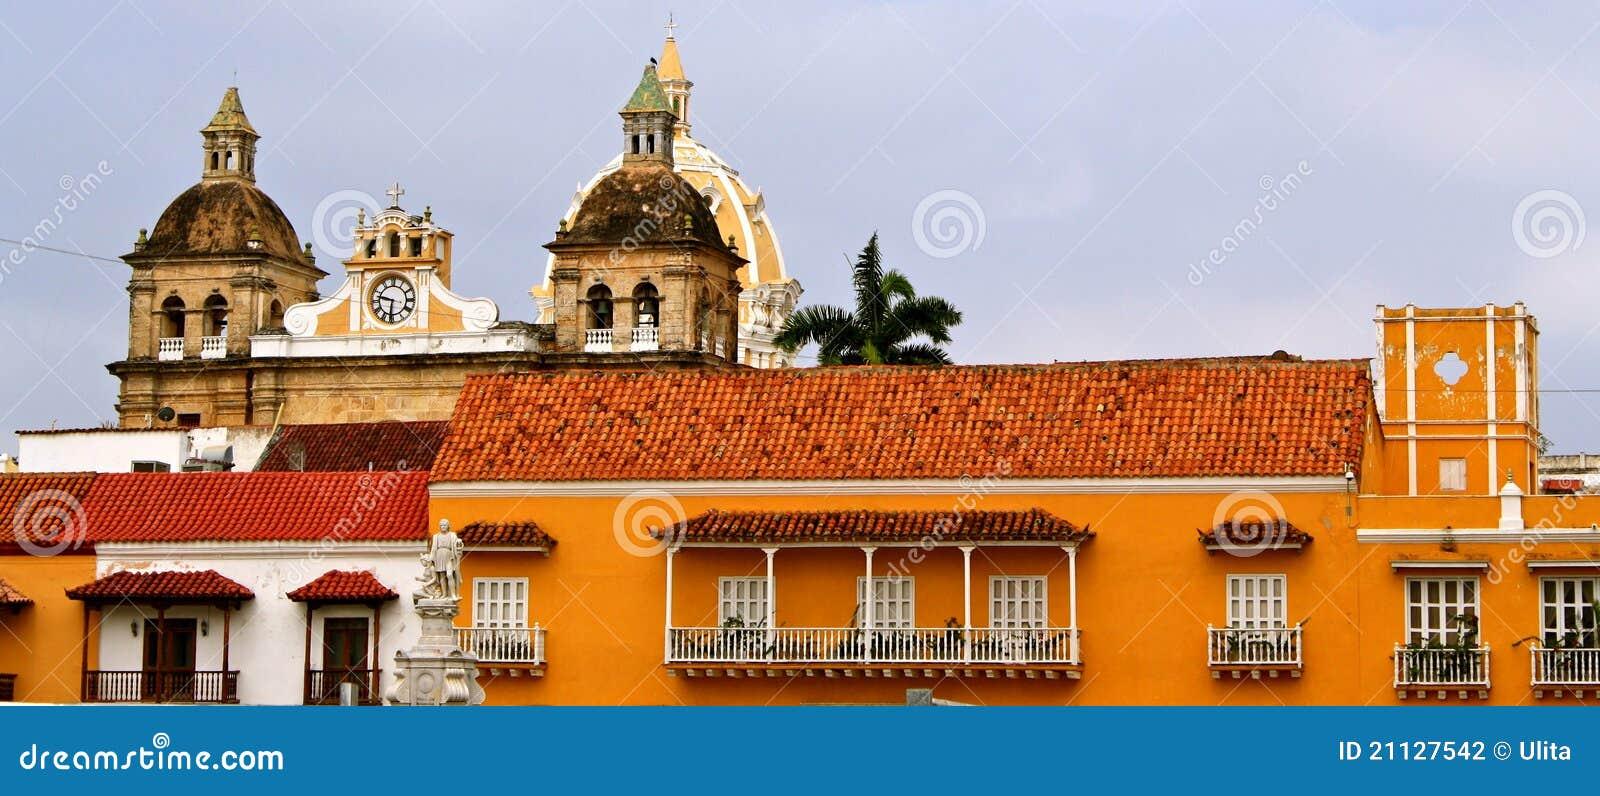 Façades de Carthagène de Indias, Colombie